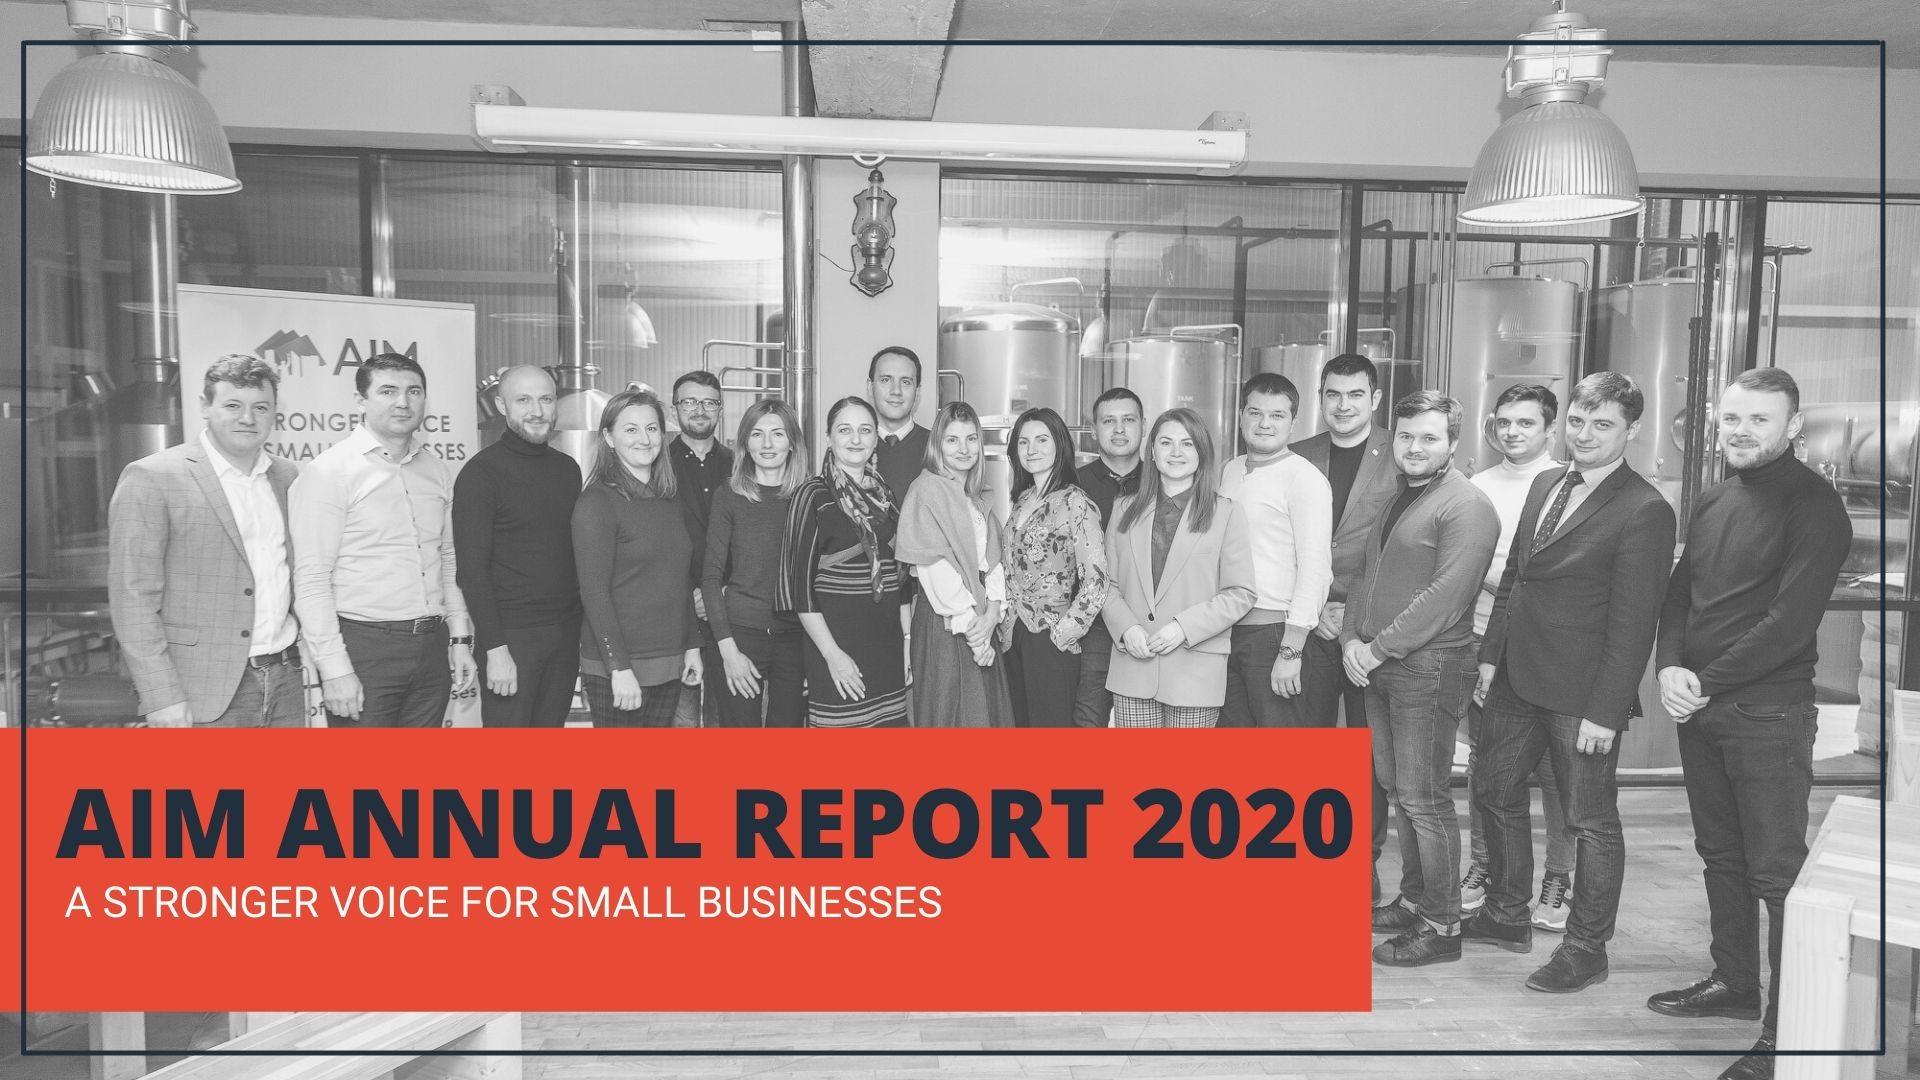 AIM și-a prezentat Raportul anual de activitate pentru 2020